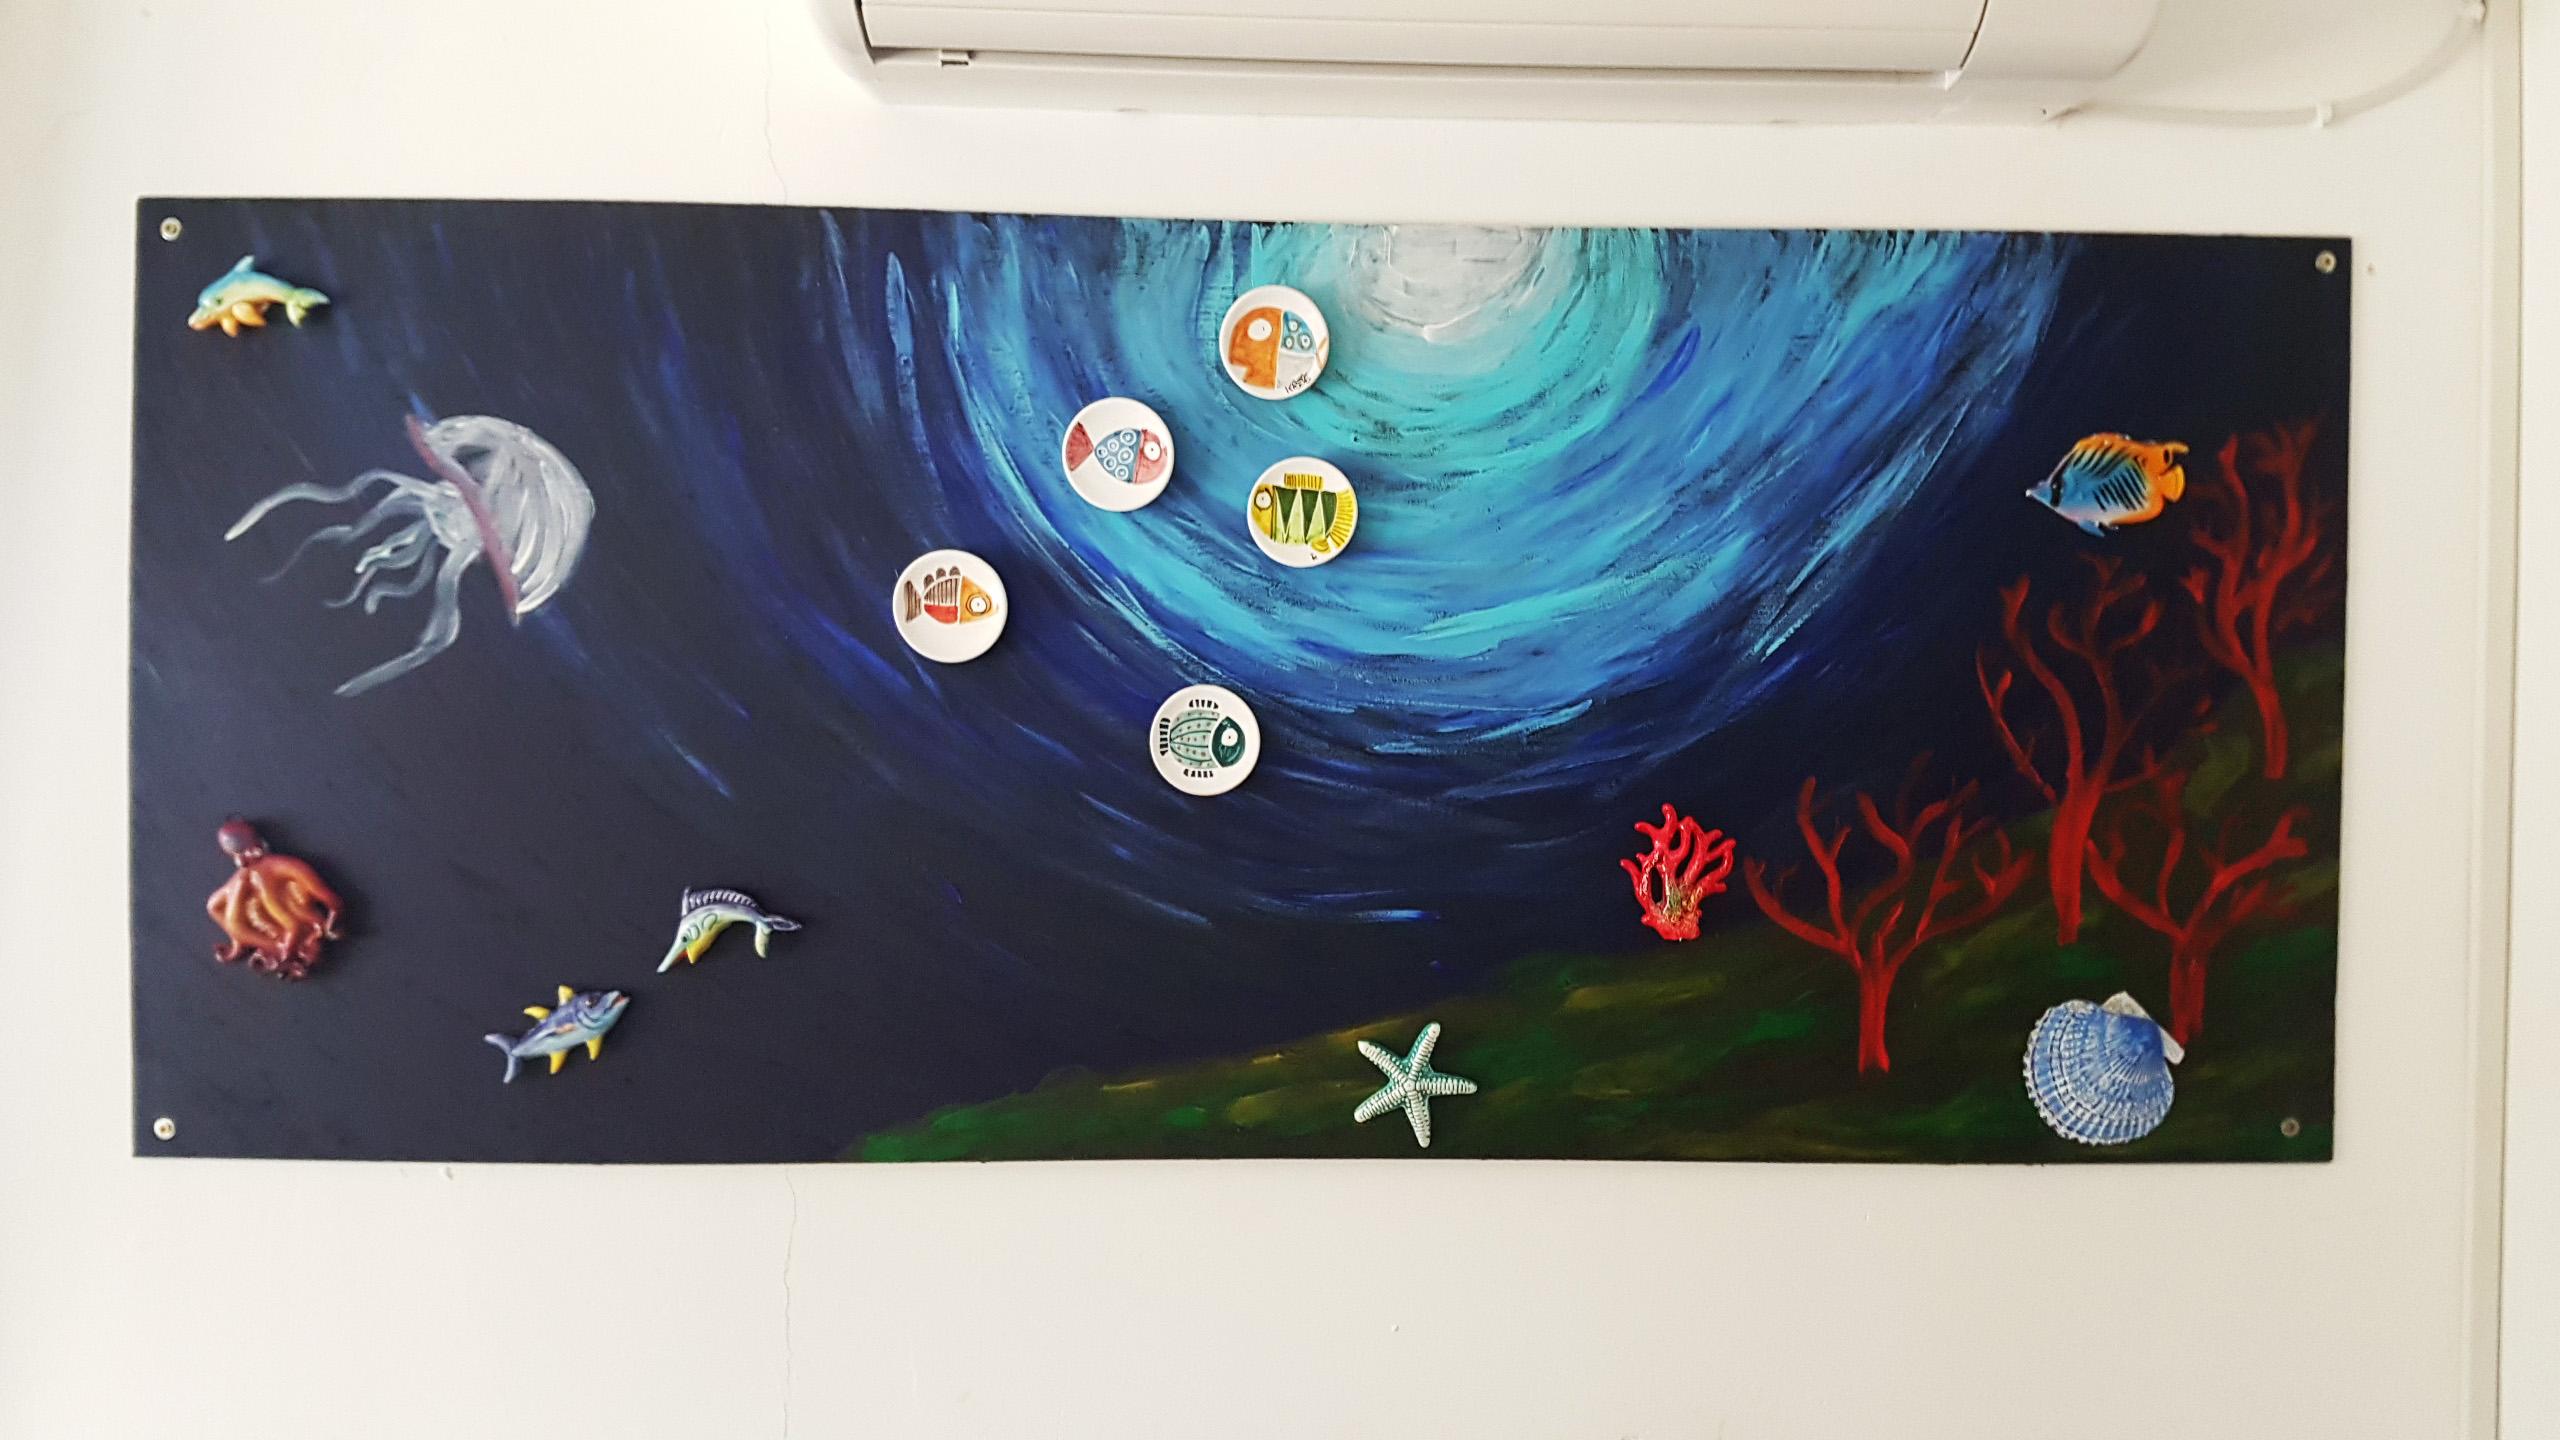 pintura de iman- El mural de fondo marino con imanes de ceramica